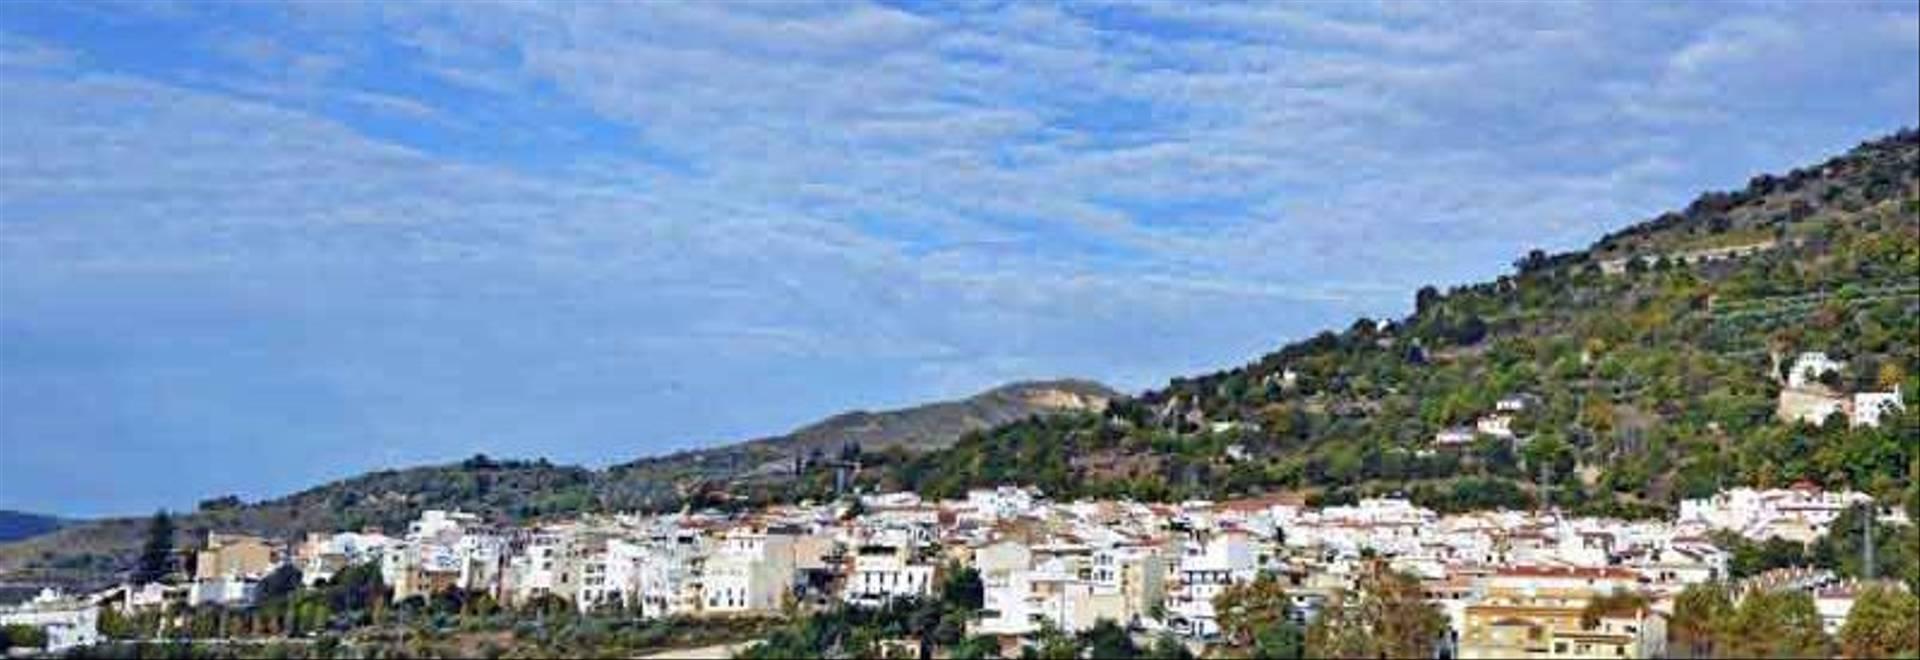 Village Of Lanjaron